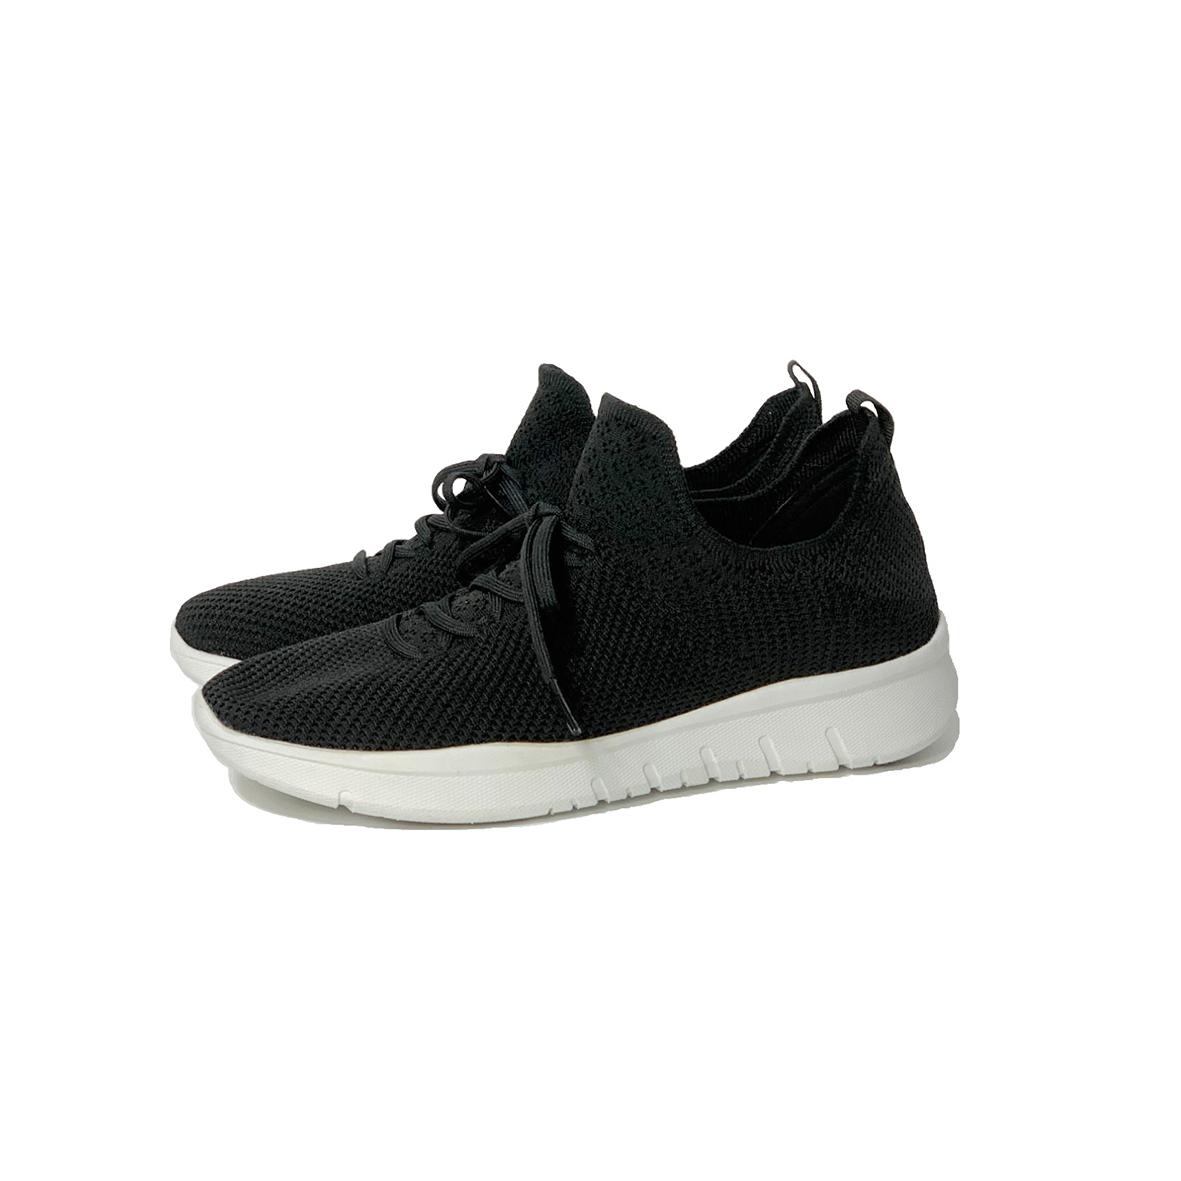 《WYPEX》簡約綁帶160公克鞋 (共3色)